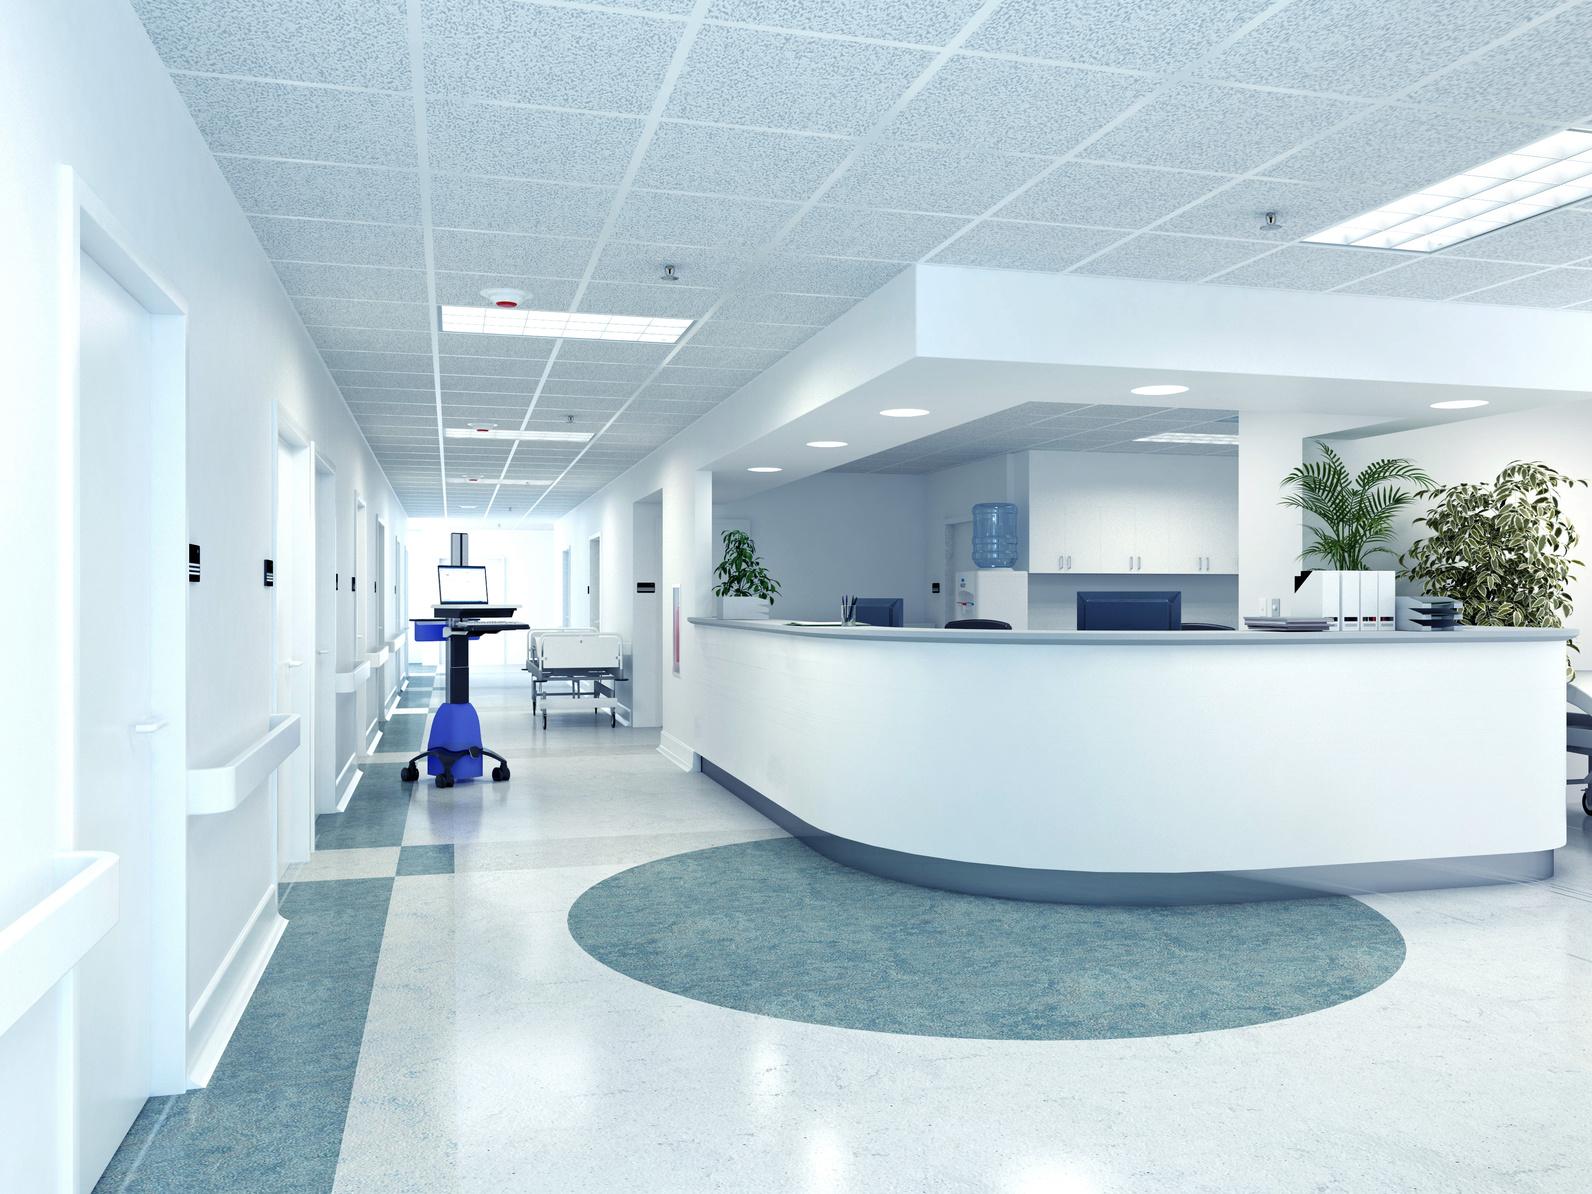 Centros sanitarios - Sainte